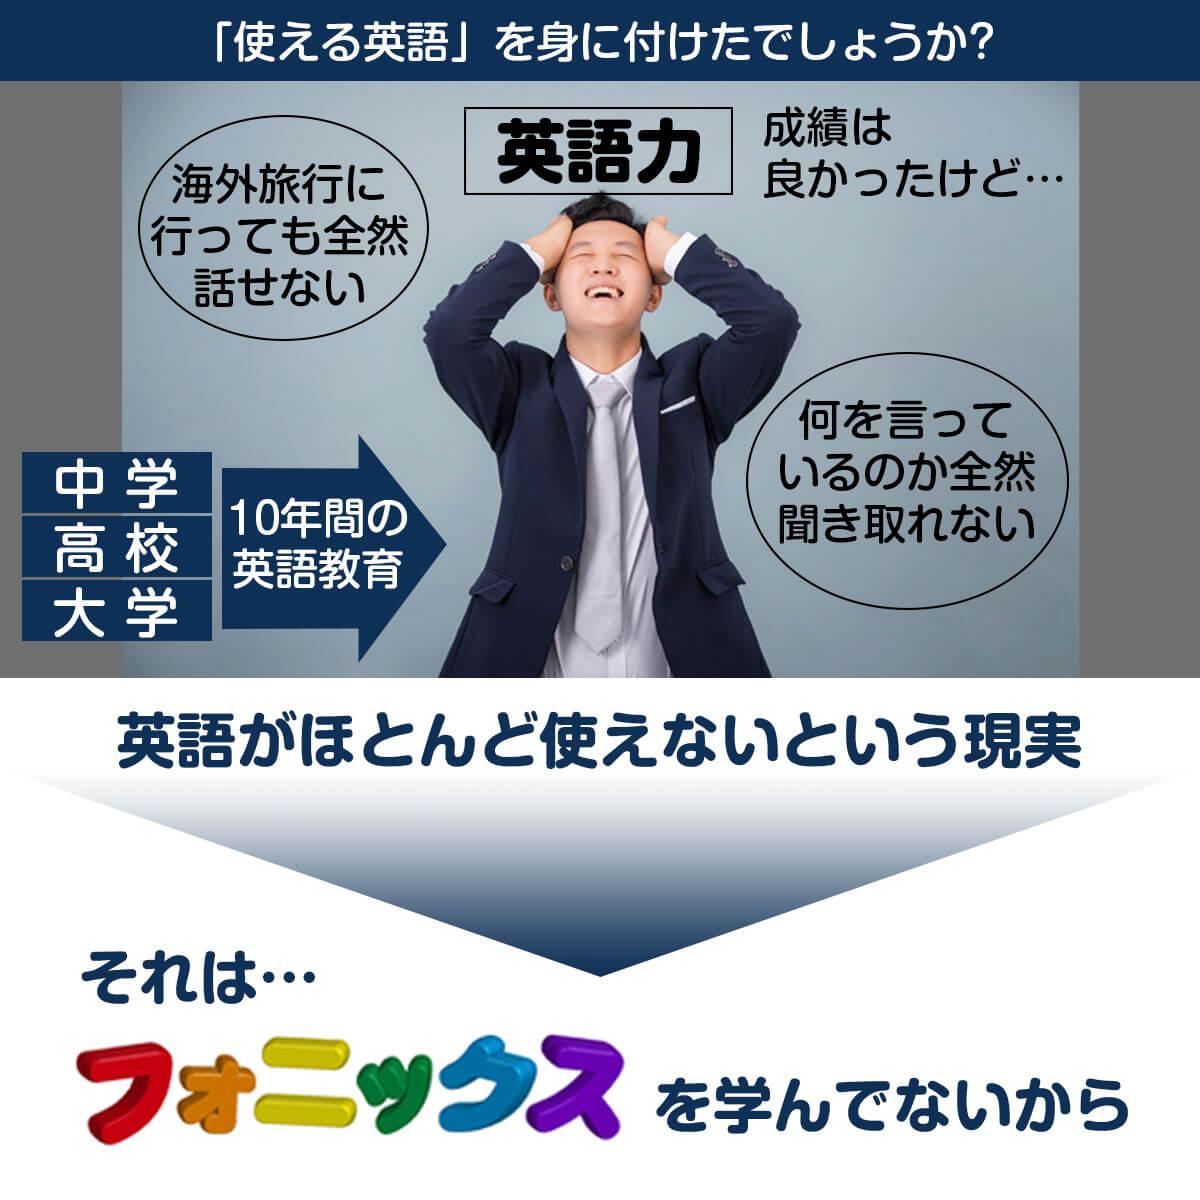 日本の使えない英語教育